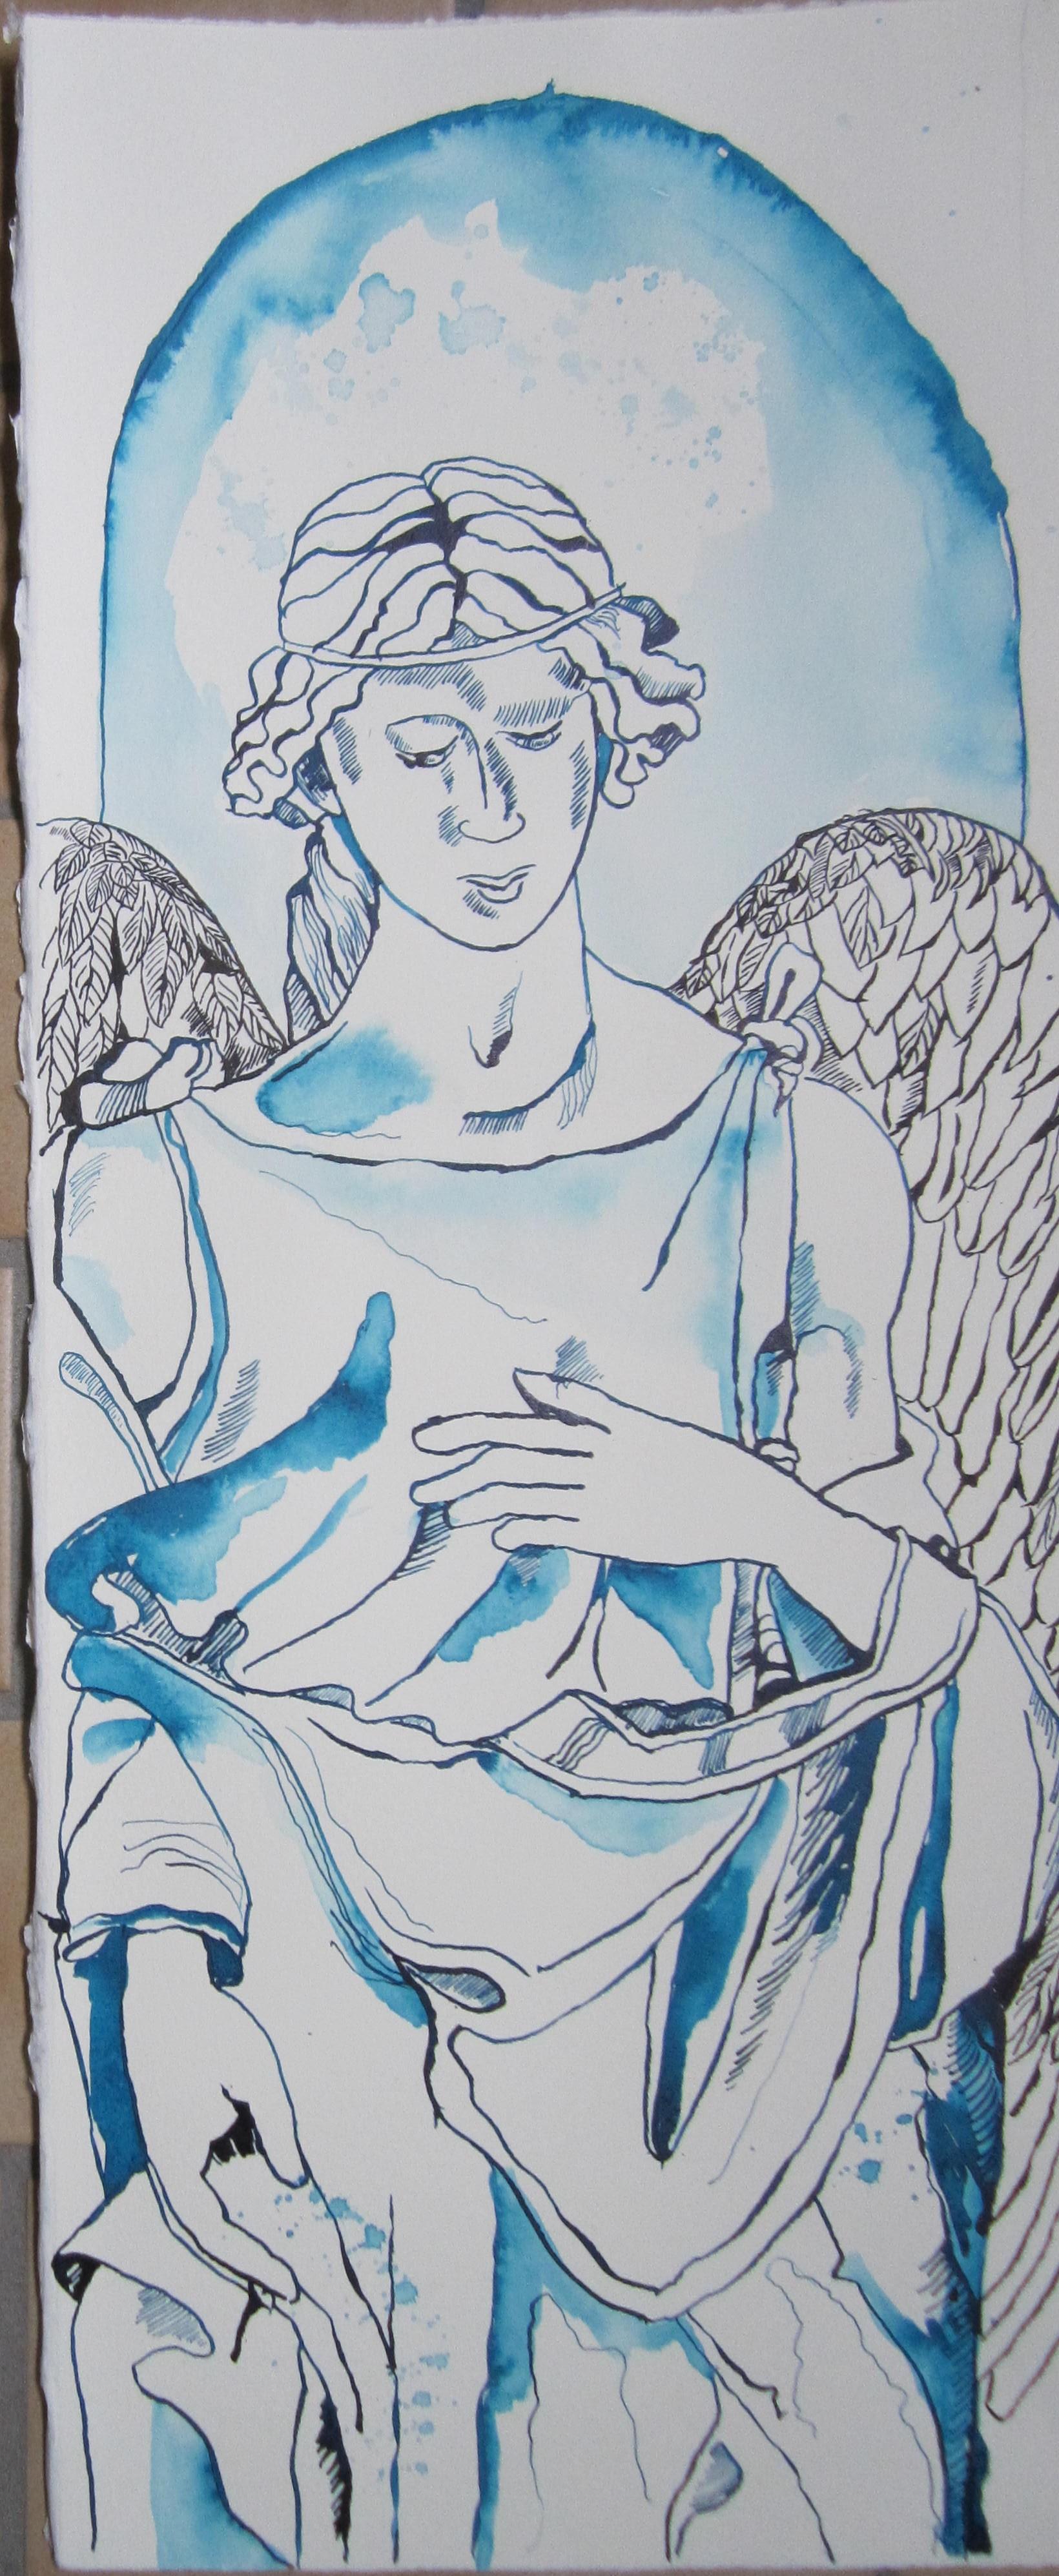 Engel Fonte Gaia - Zeichnung von Susanne Haun - 60 x 25 cm - Tusche auf Kupferdruckkarton